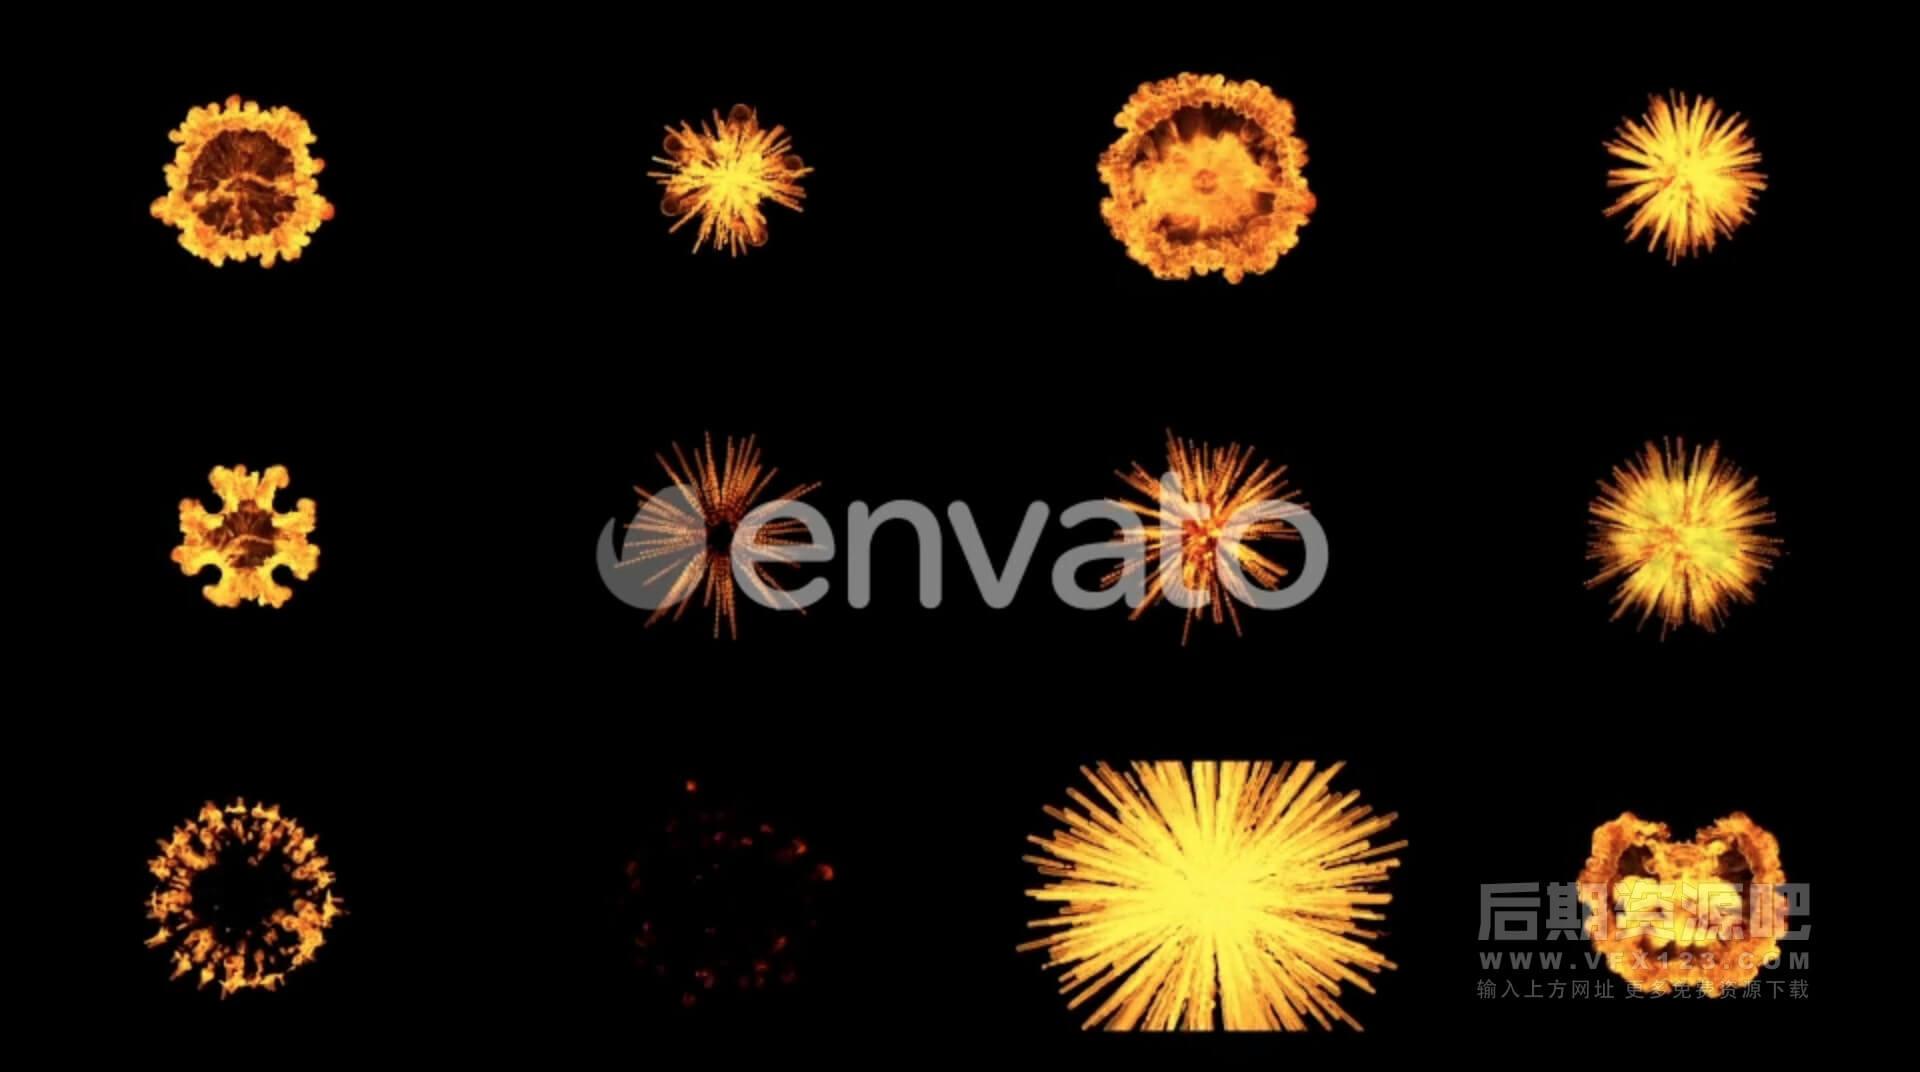 视频素材 46个火焰爆炸动态特效动画素材 带透明通道